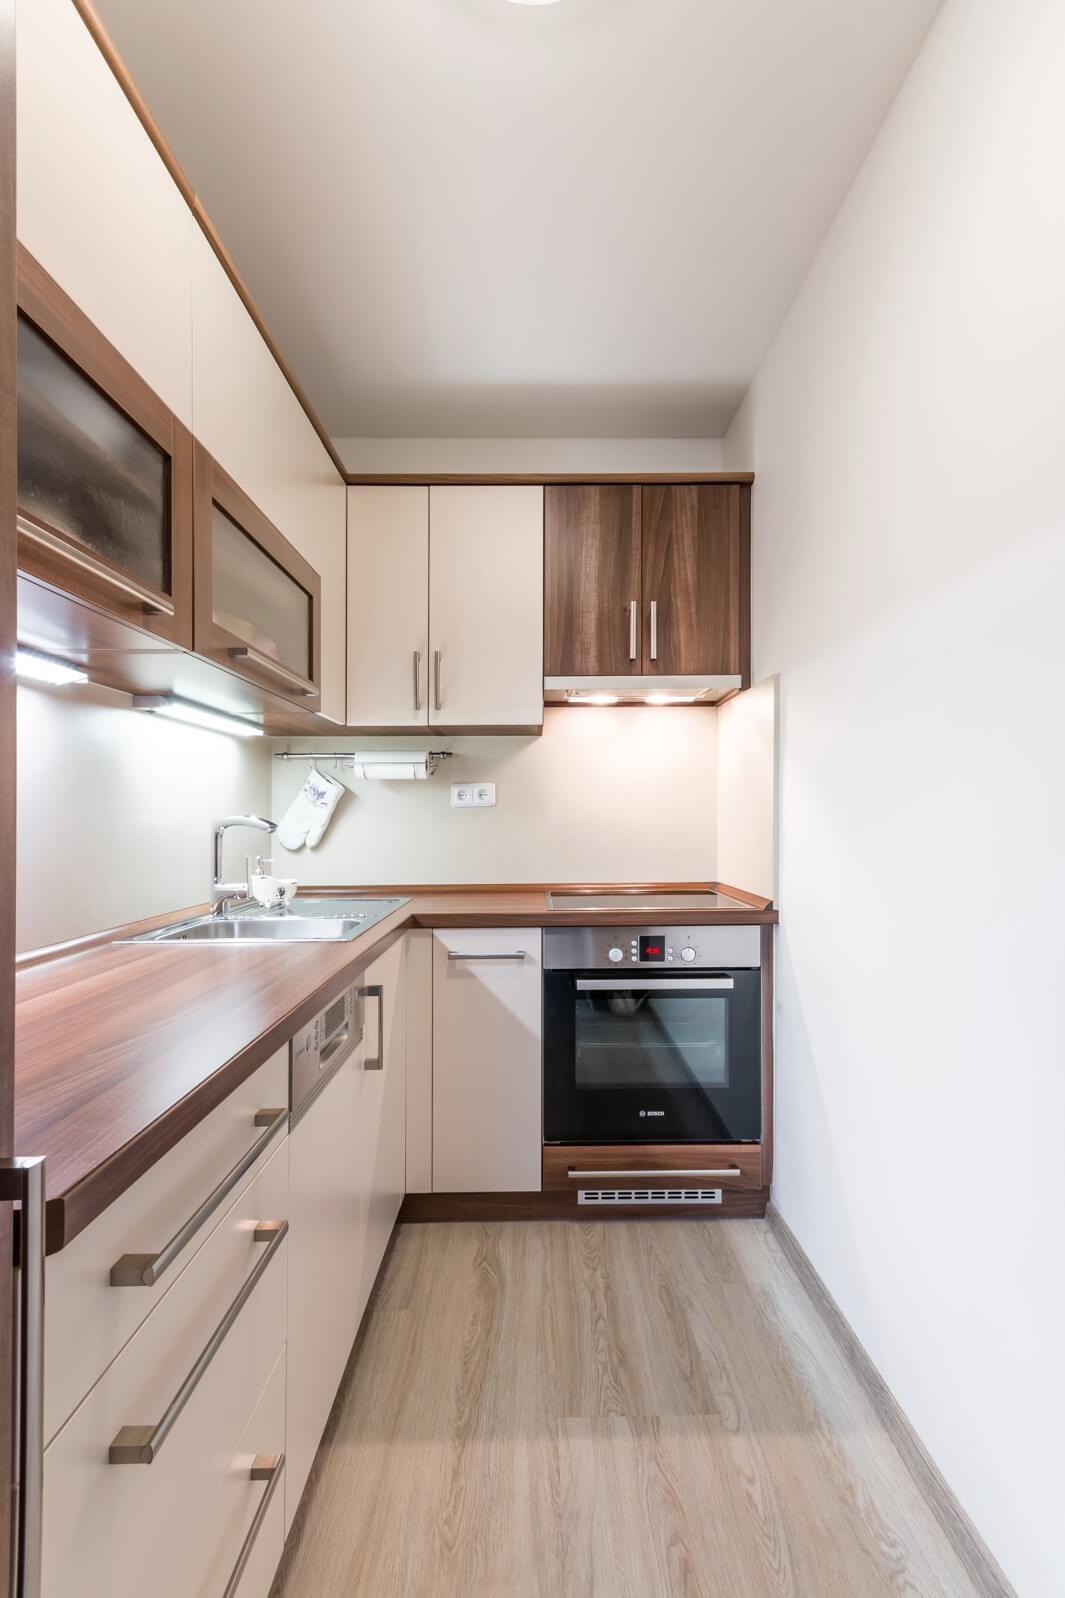 Prakticky řešená kuchyňská linka na malém prostoru? Jděte na to chytře!